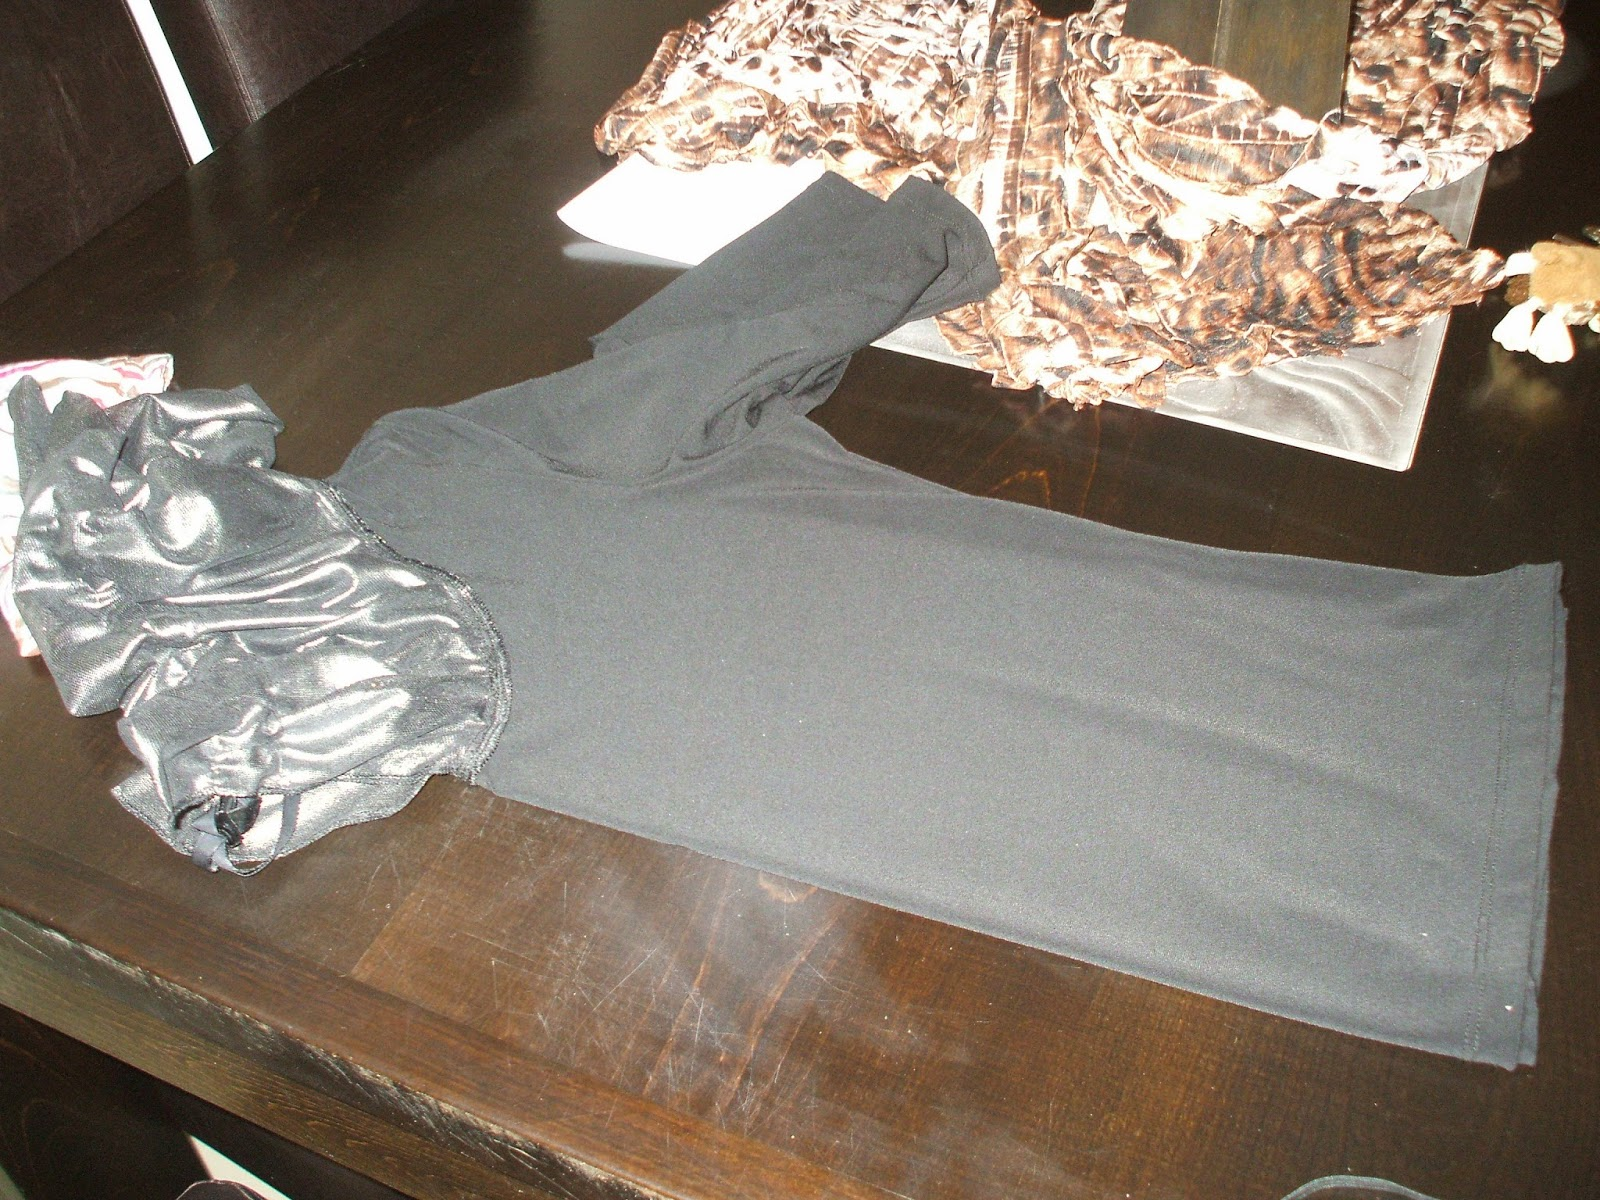 DSCF2546 - שמלה בשעה